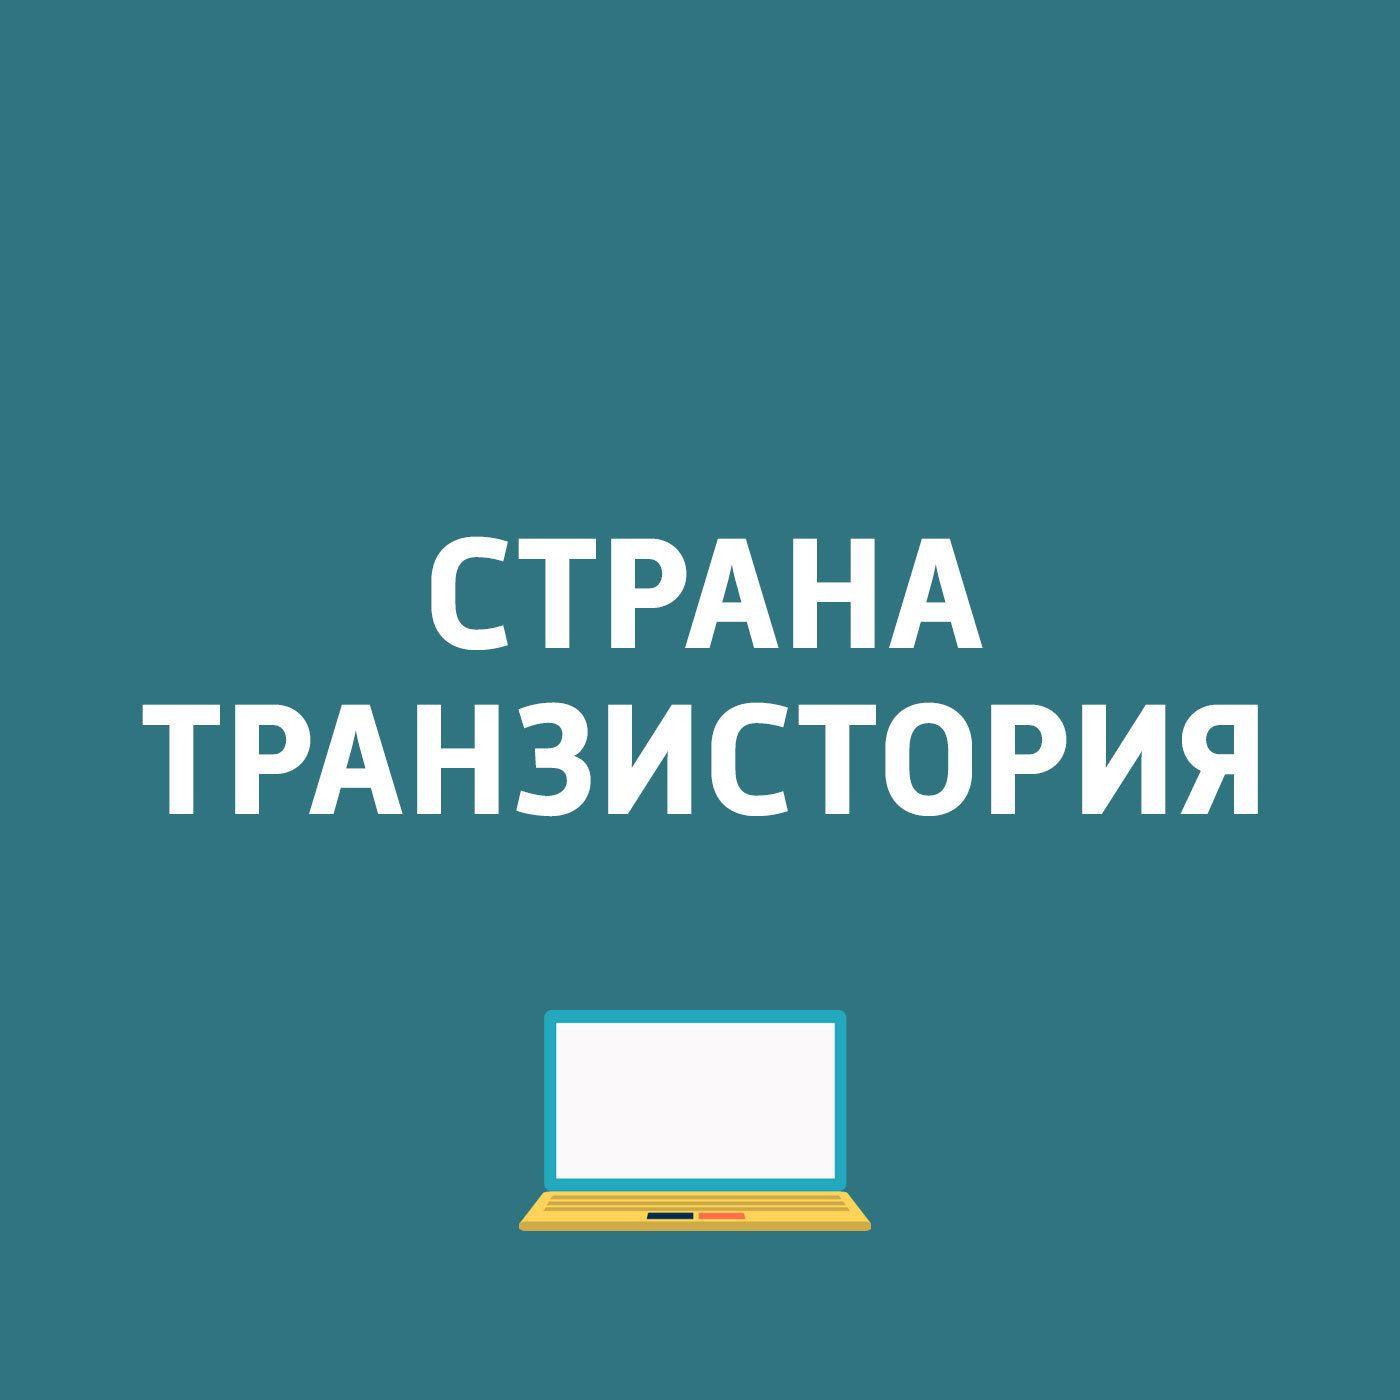 Картаев Павел Lenovo представила на российском рынке ультрабук Yoga S940 цена и фото